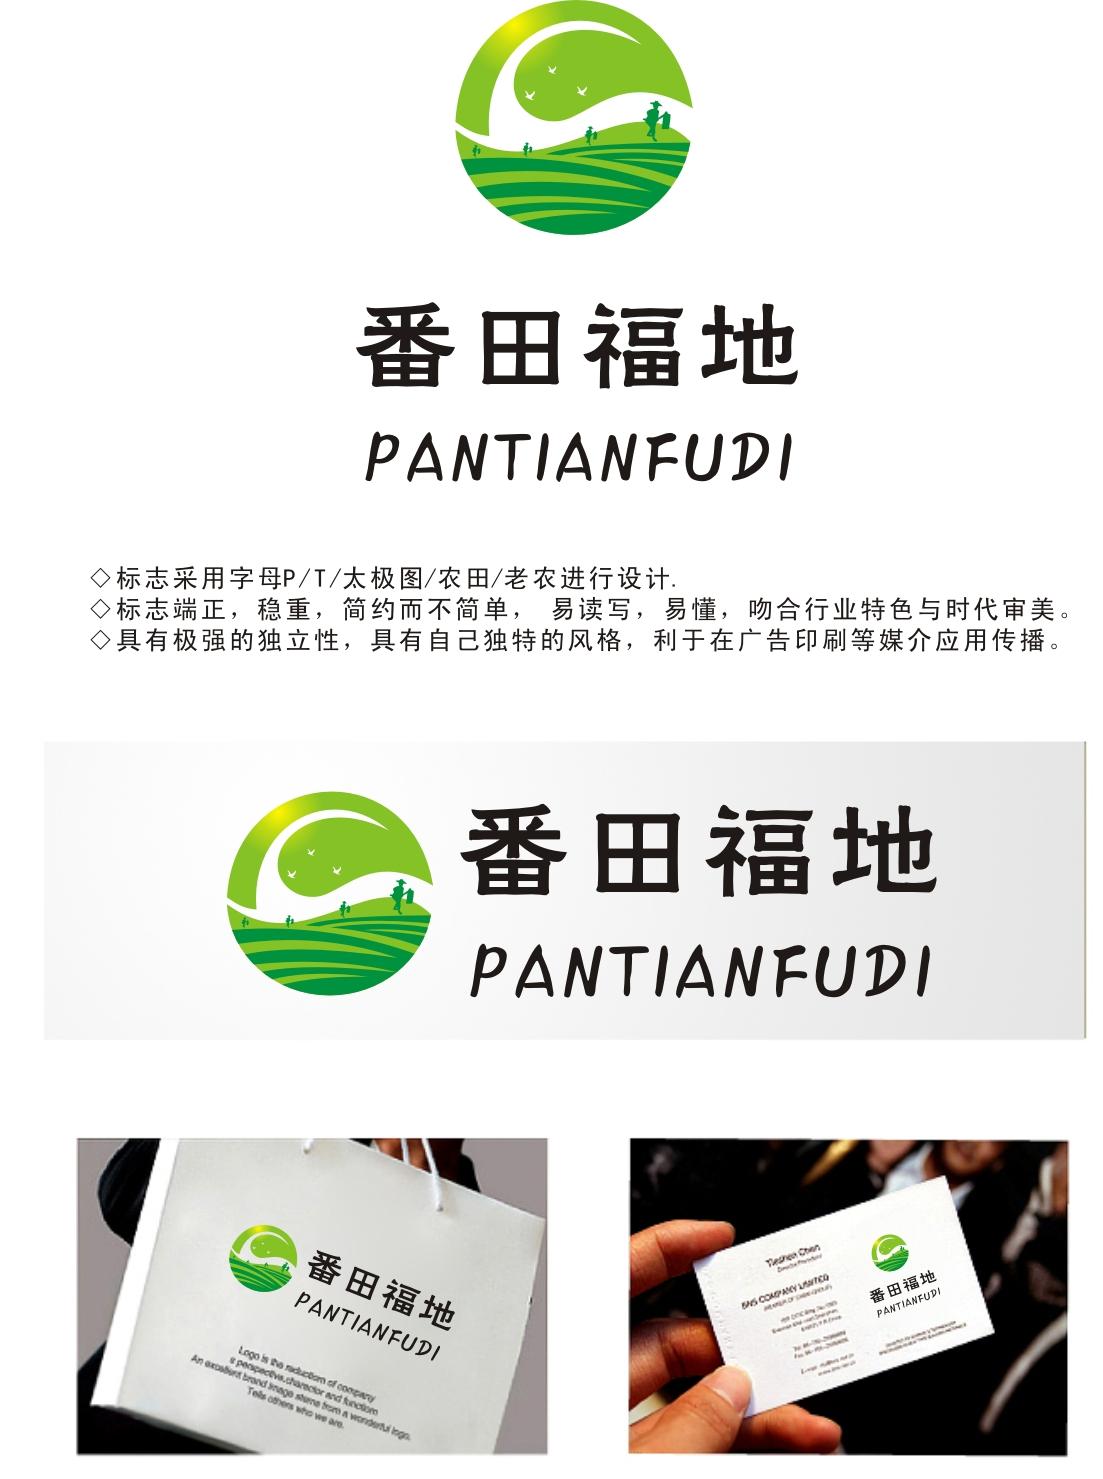 """铁棍山药商标""""番田福地""""logo设计_2959268_k68威客网"""